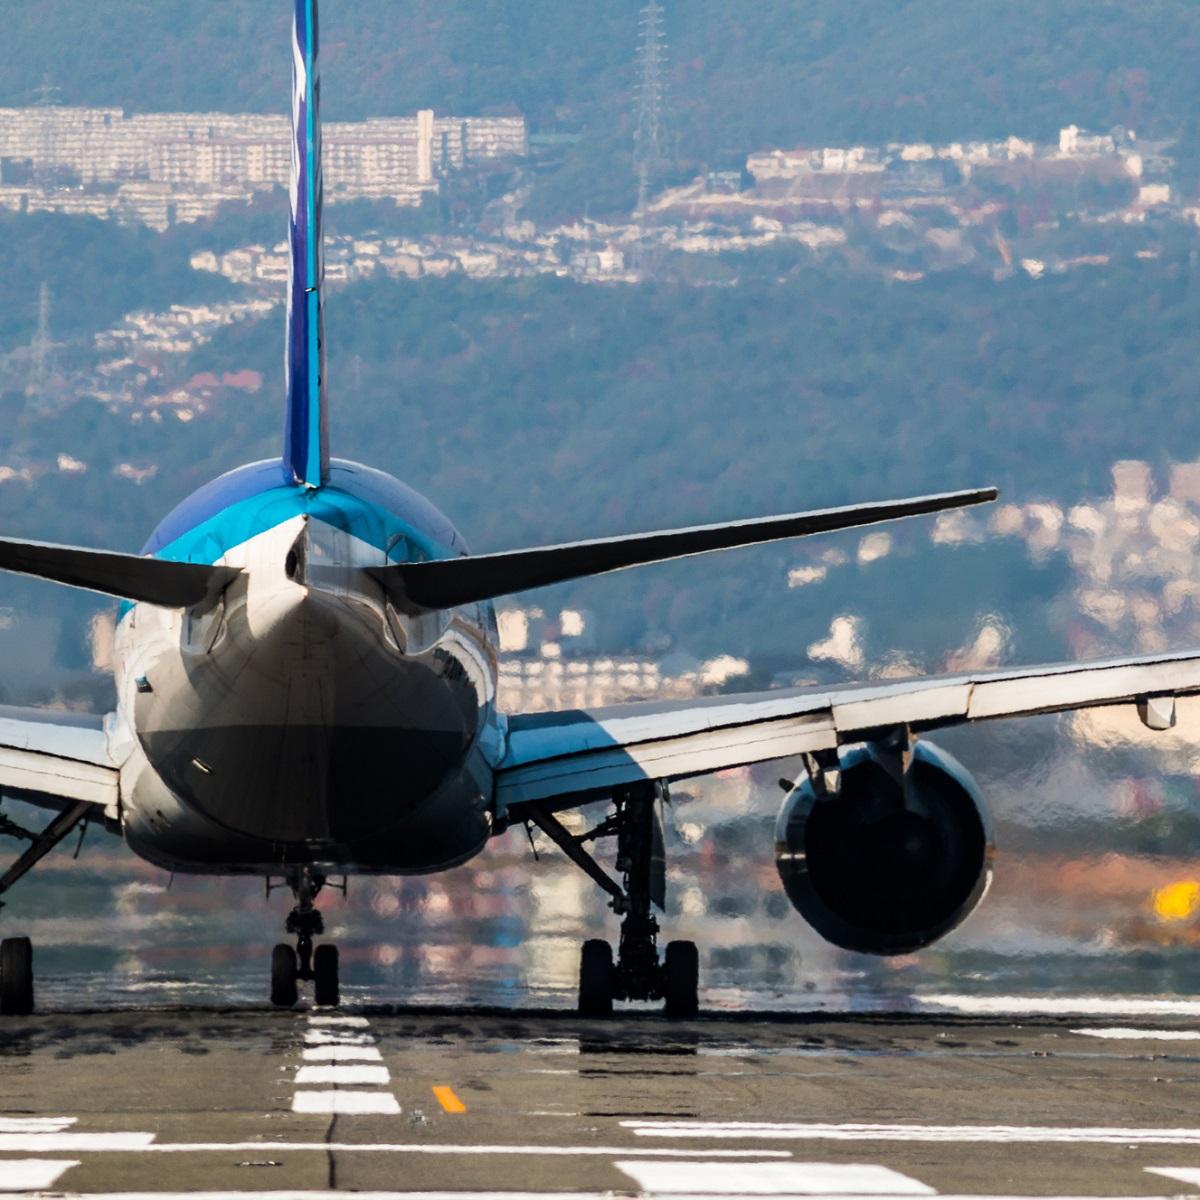 お宝カードも! マイルが貯まりやすい、外資系航空会社との提携クレジットカード